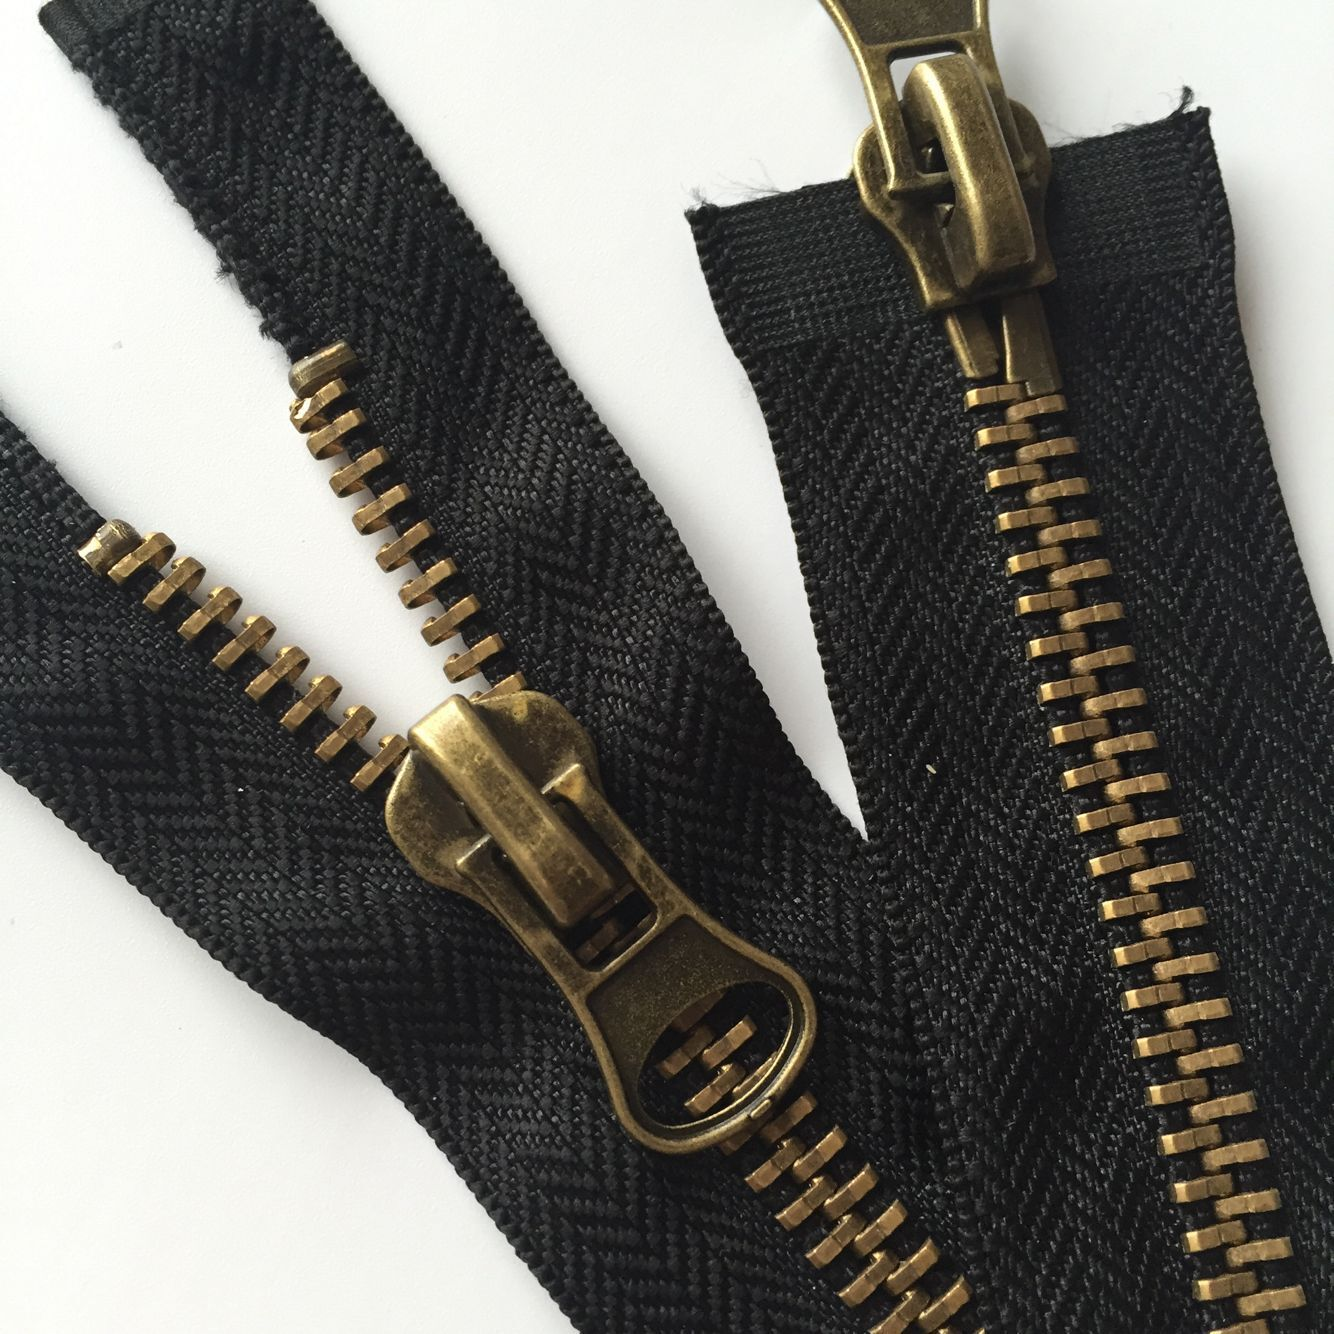 Dây kéo kim loại Khóa kéo đôi bằng kim loại số 5, khóa kéo bằng đồng cho áo khoác ngoài và hành lý